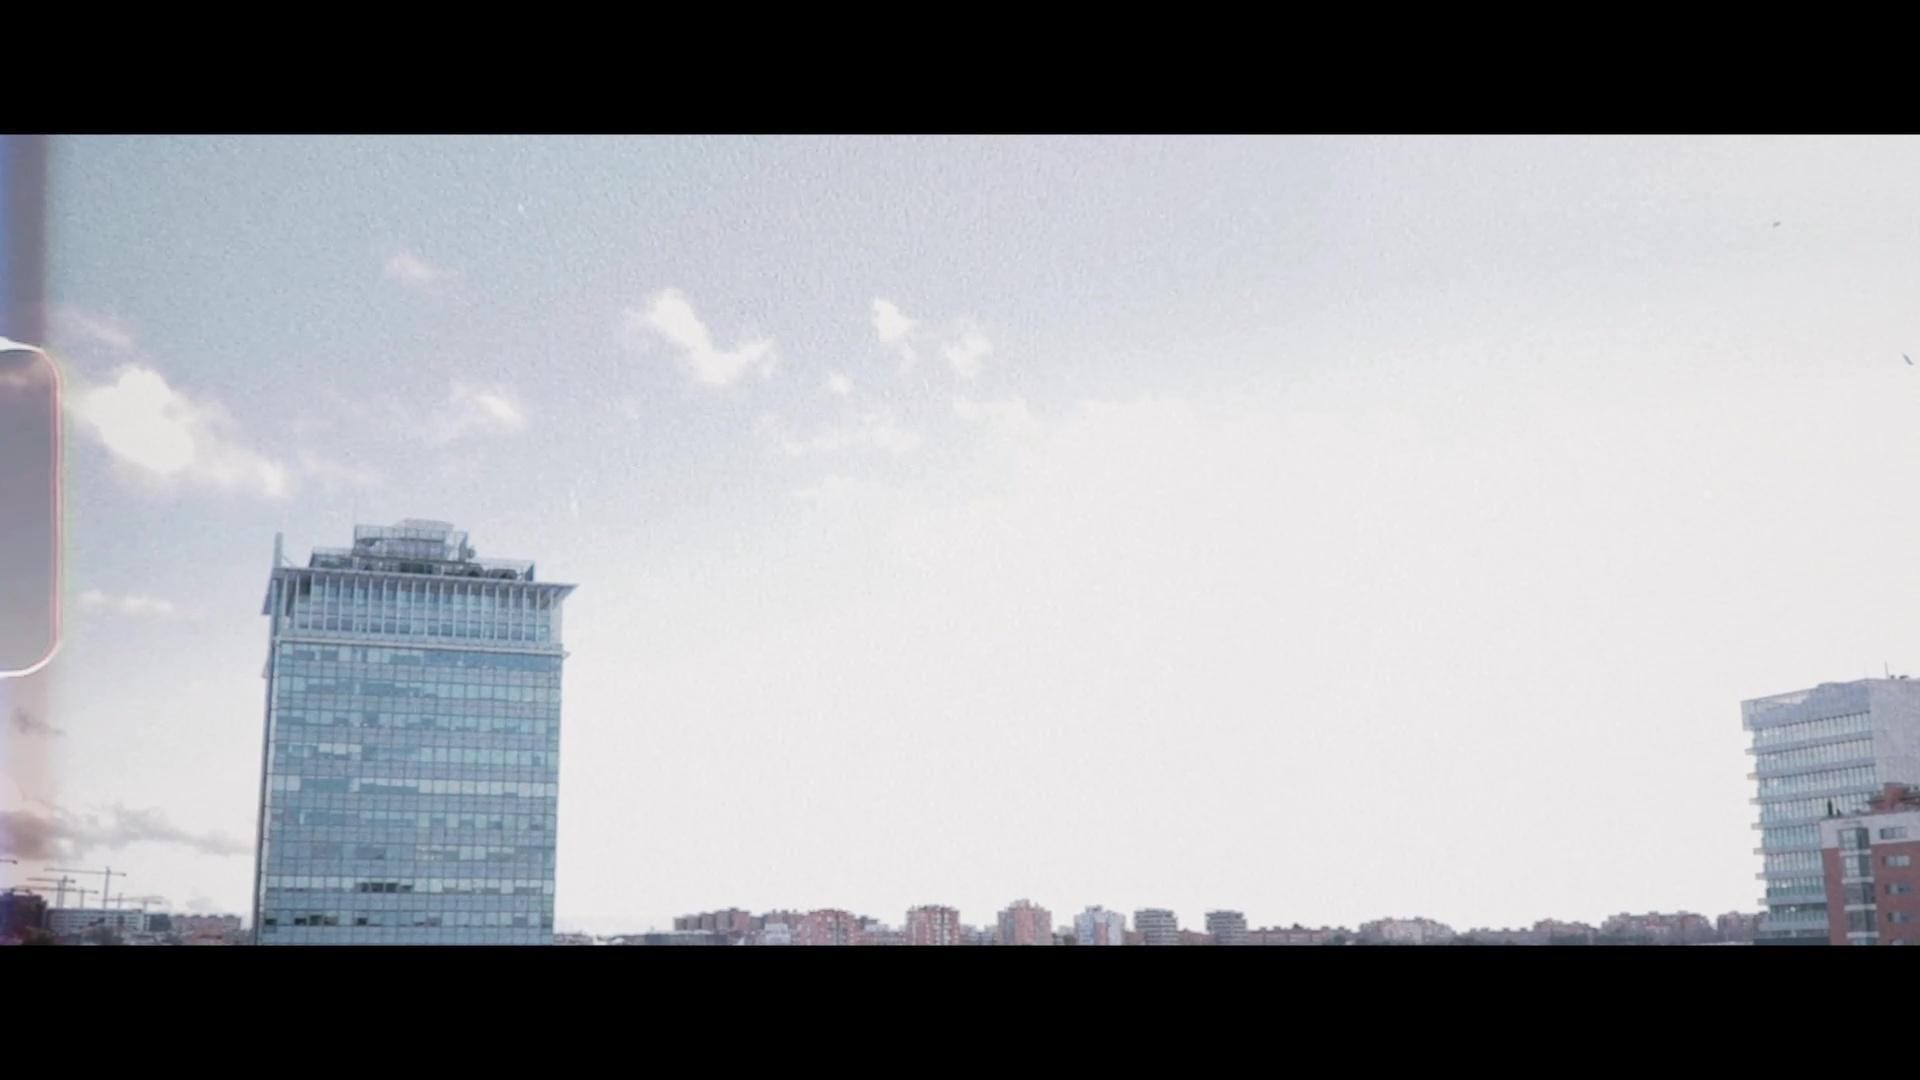 vlcsnap-00051